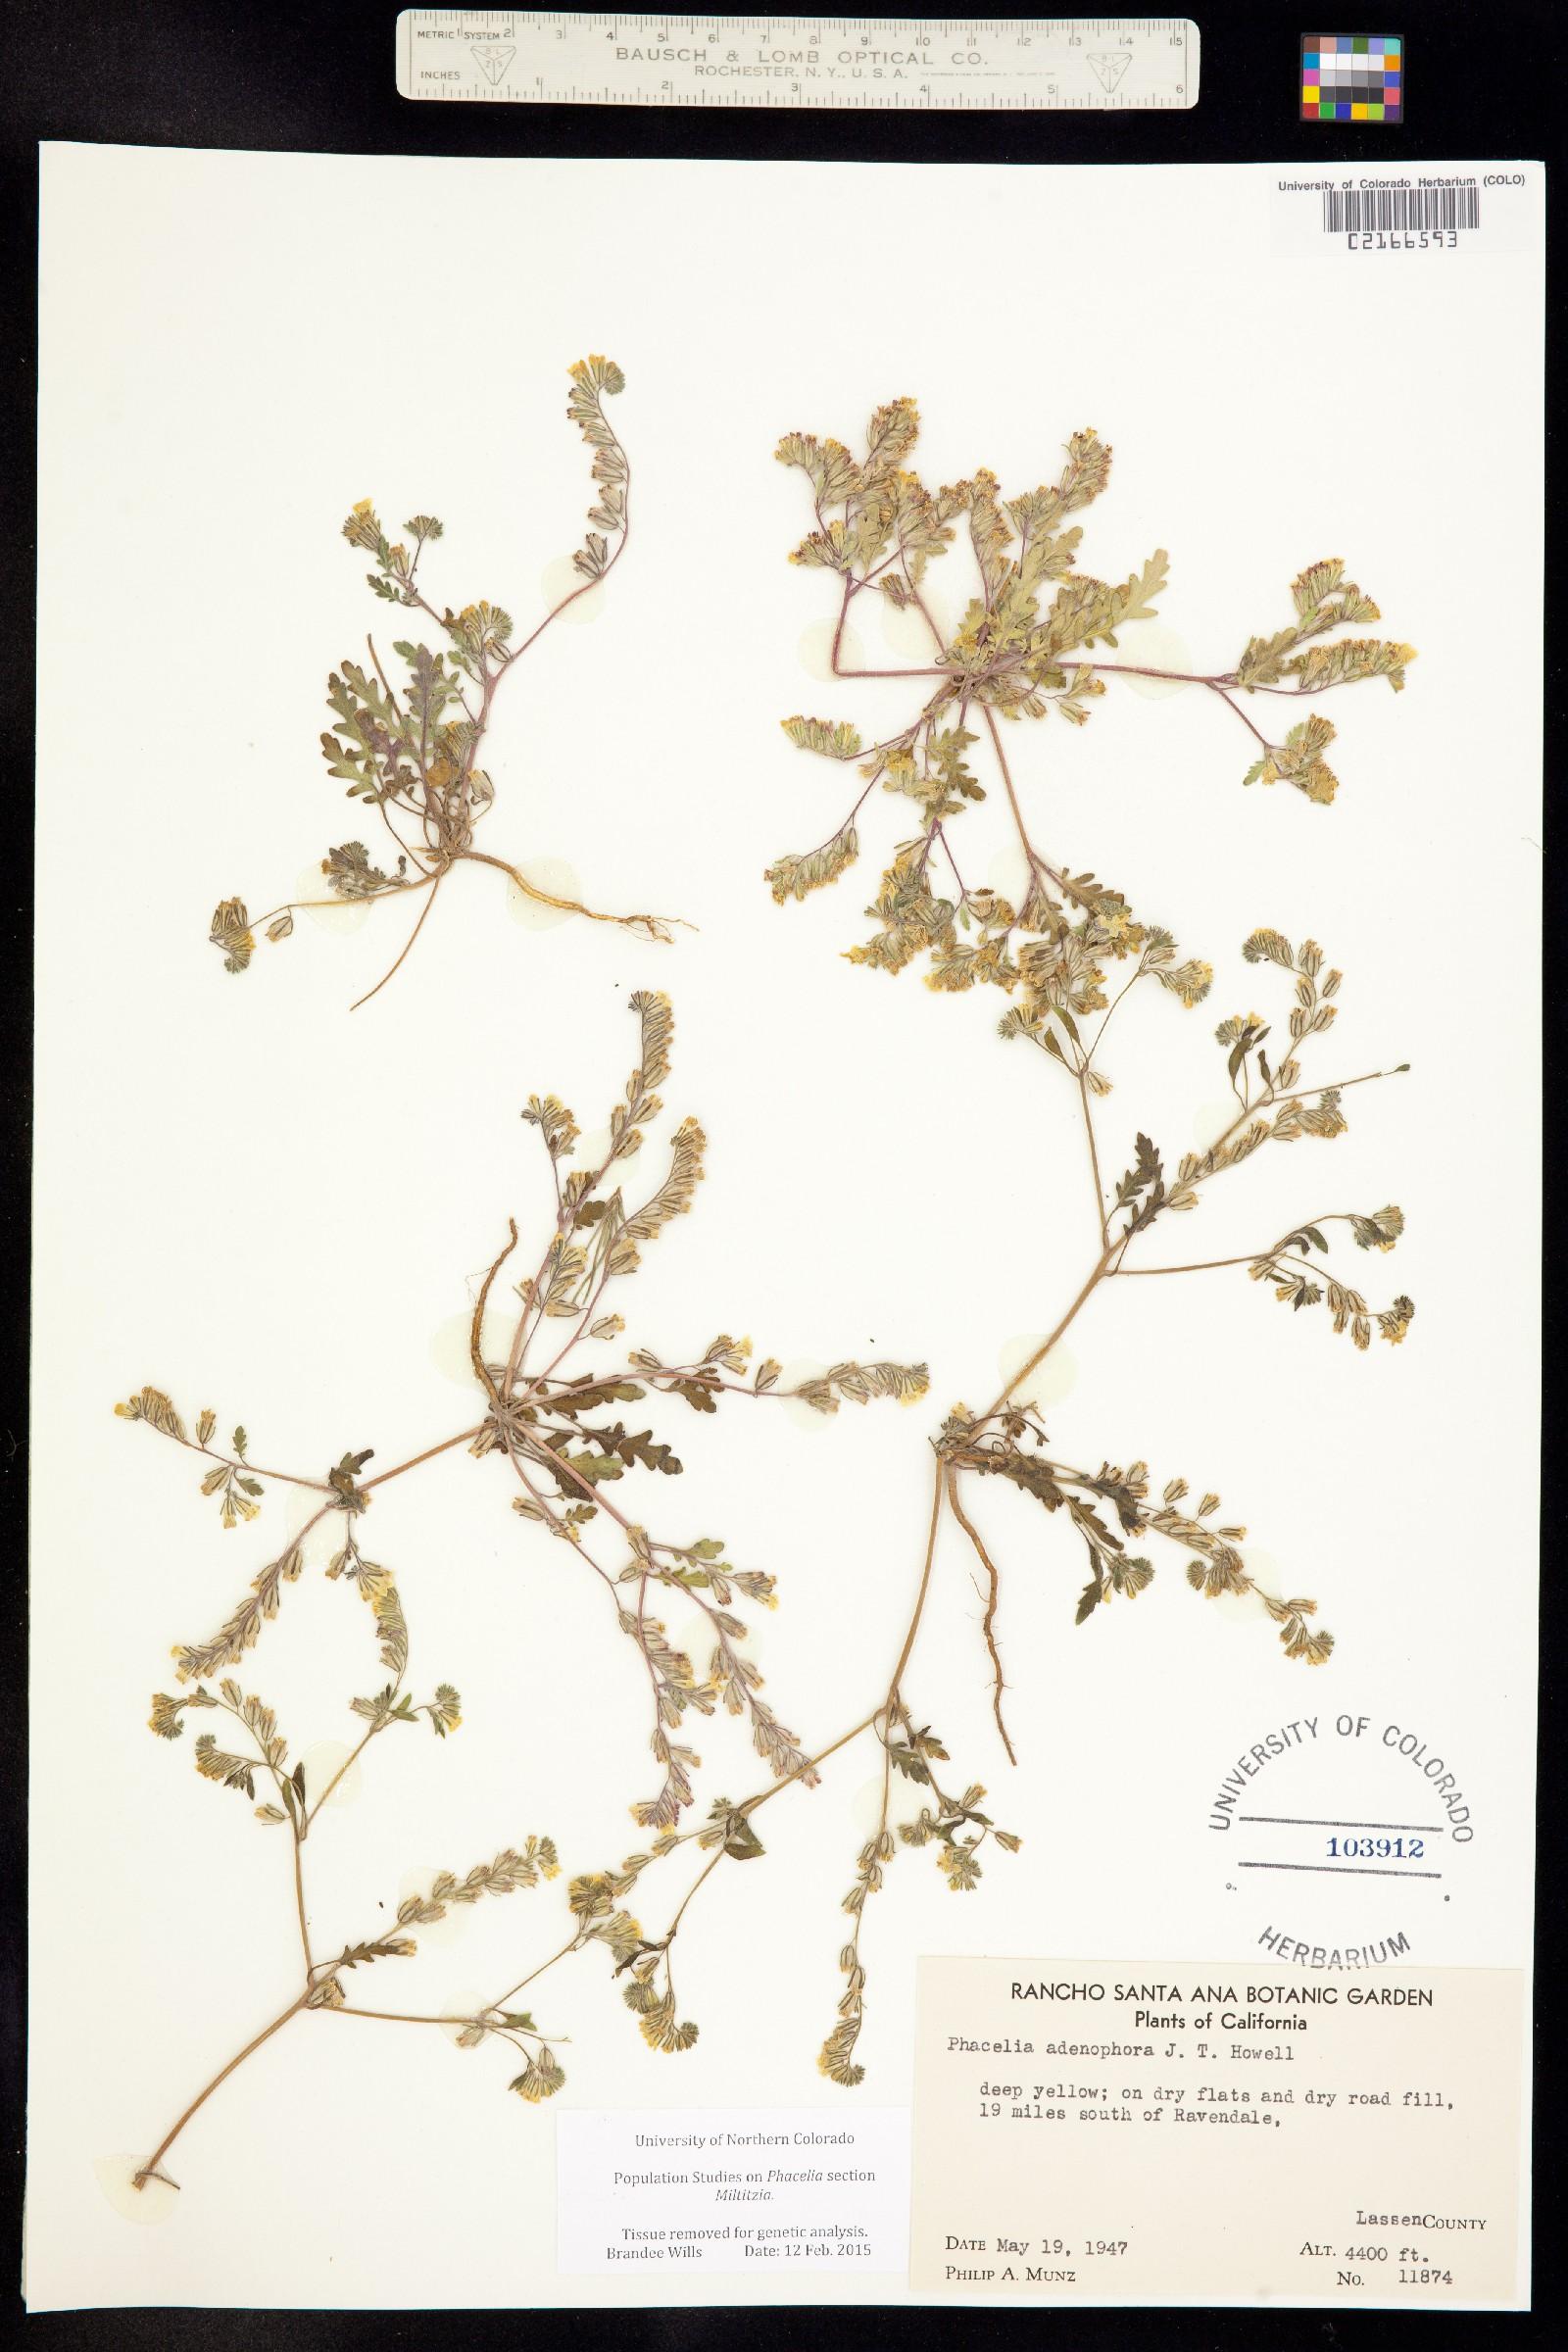 Phacelia adenophora image